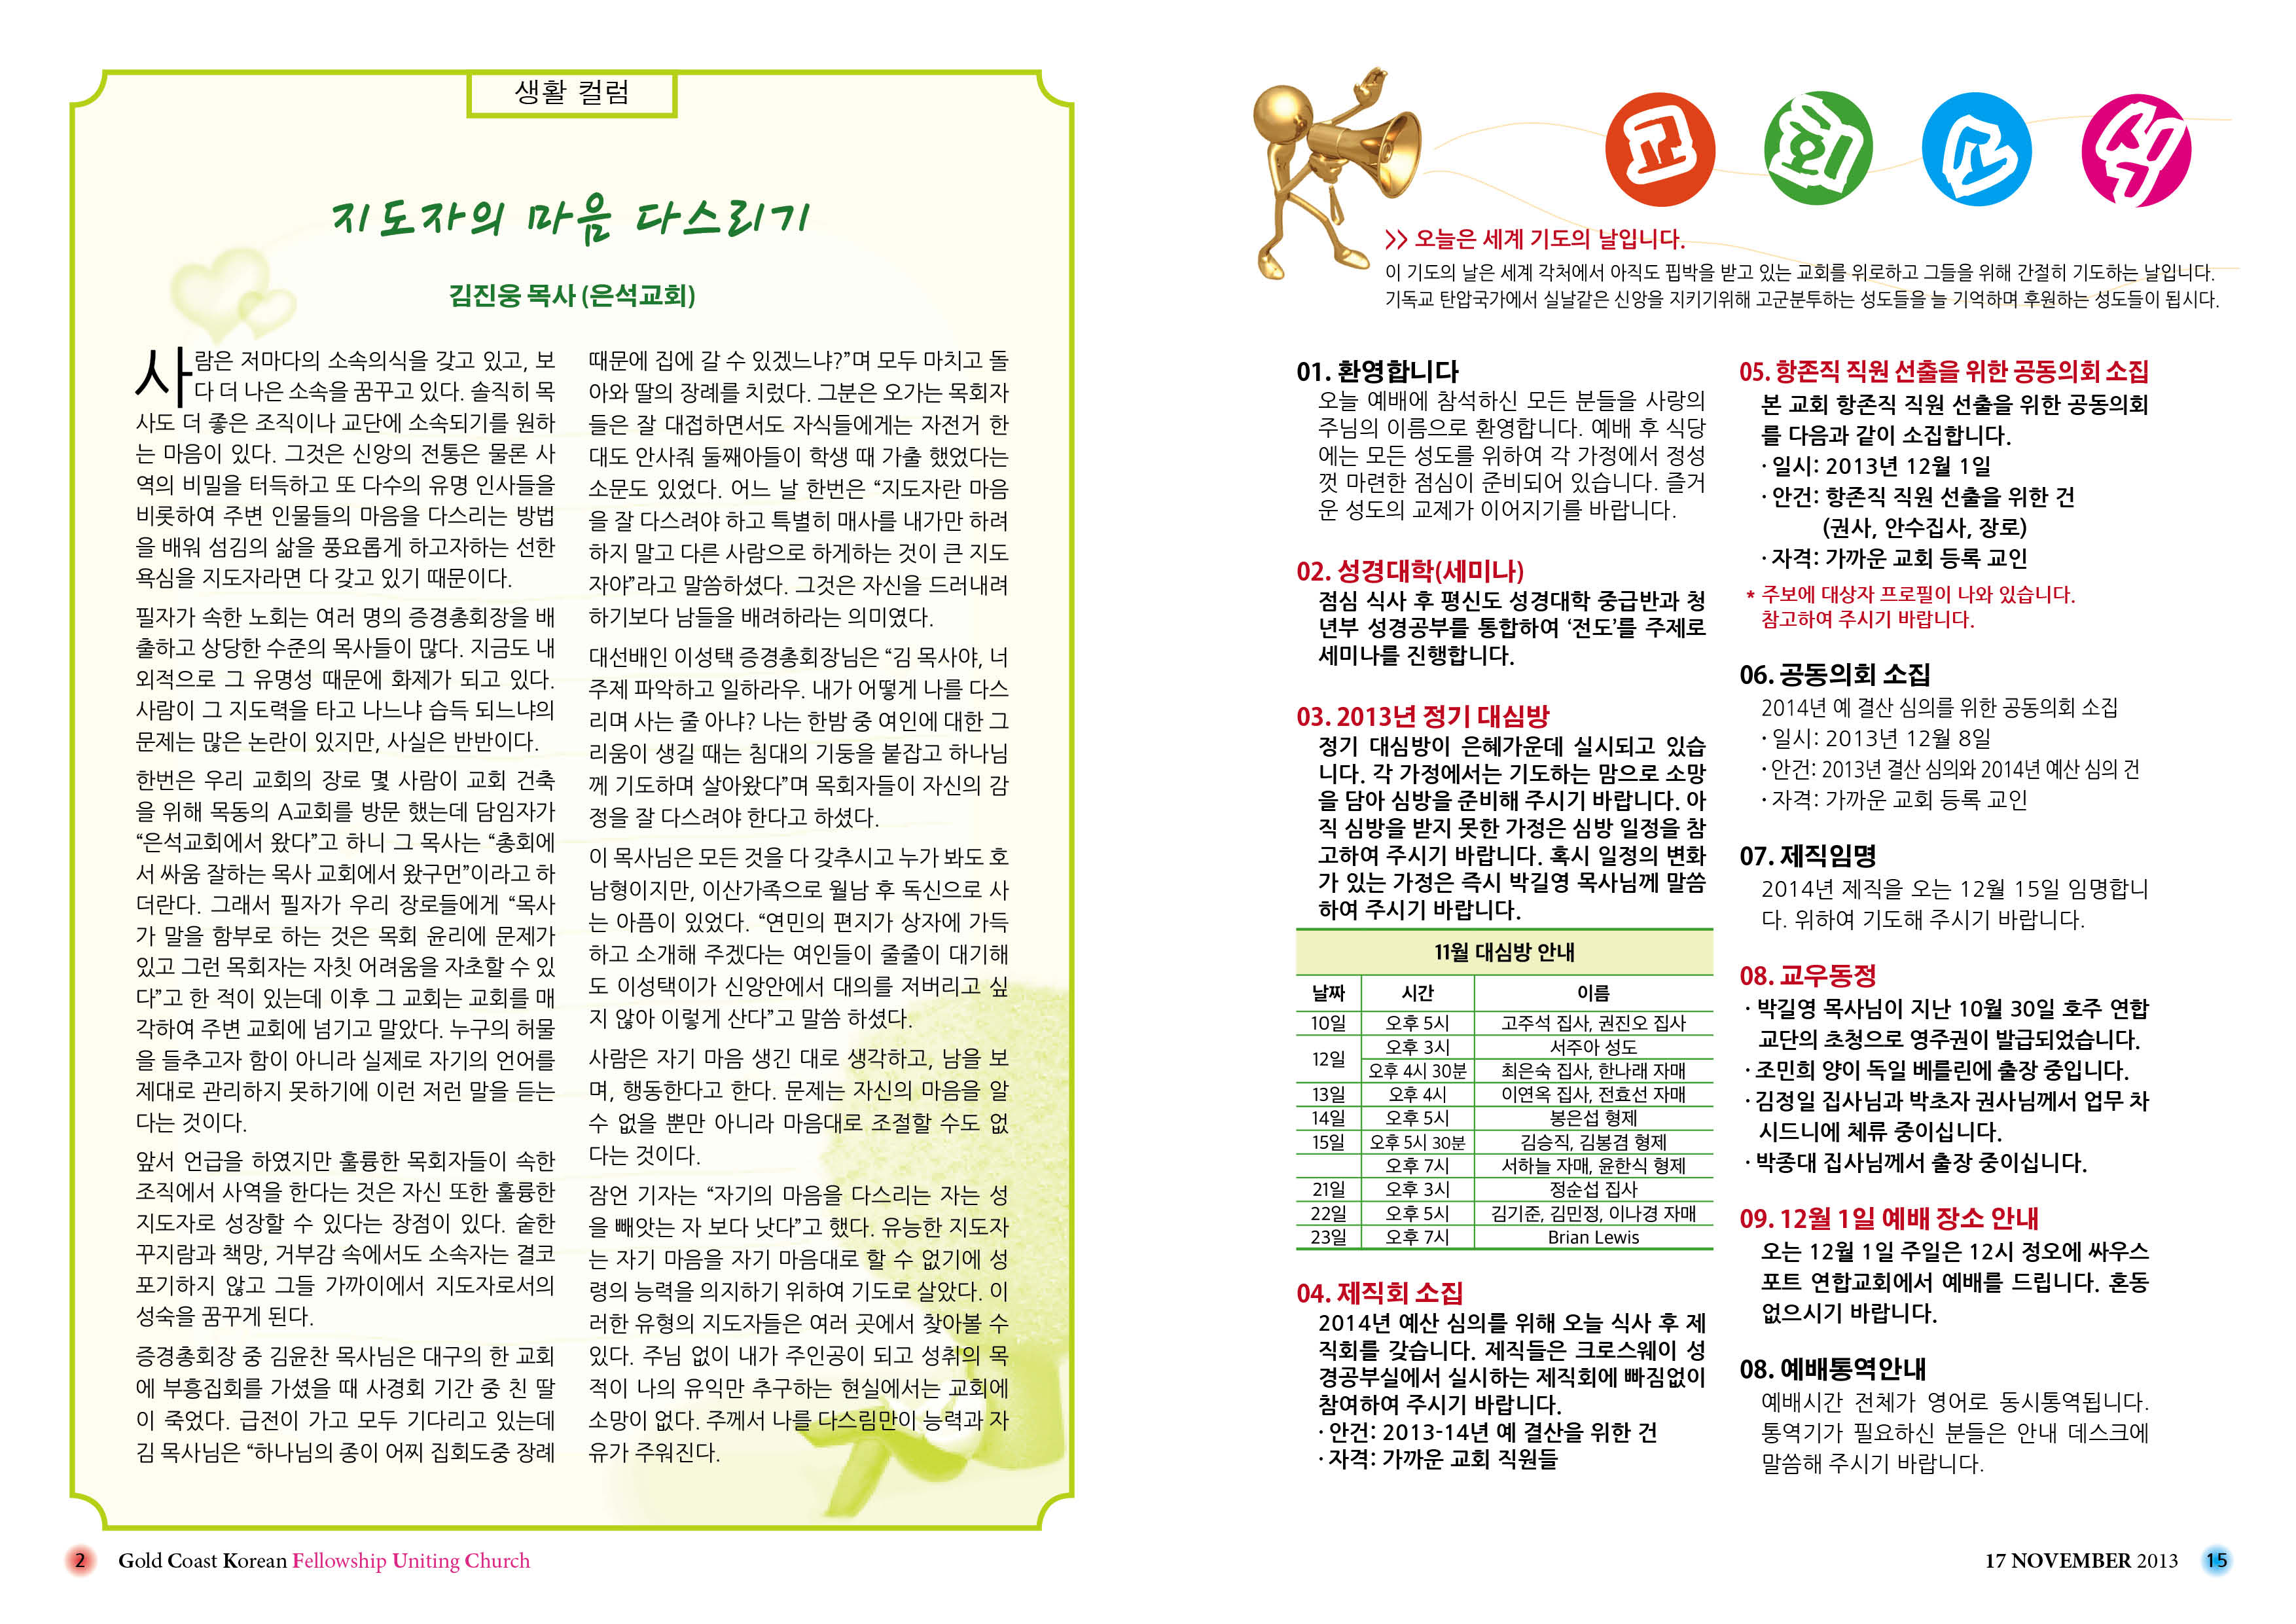 2013.11.10 주보(3차 수정)2.jpg